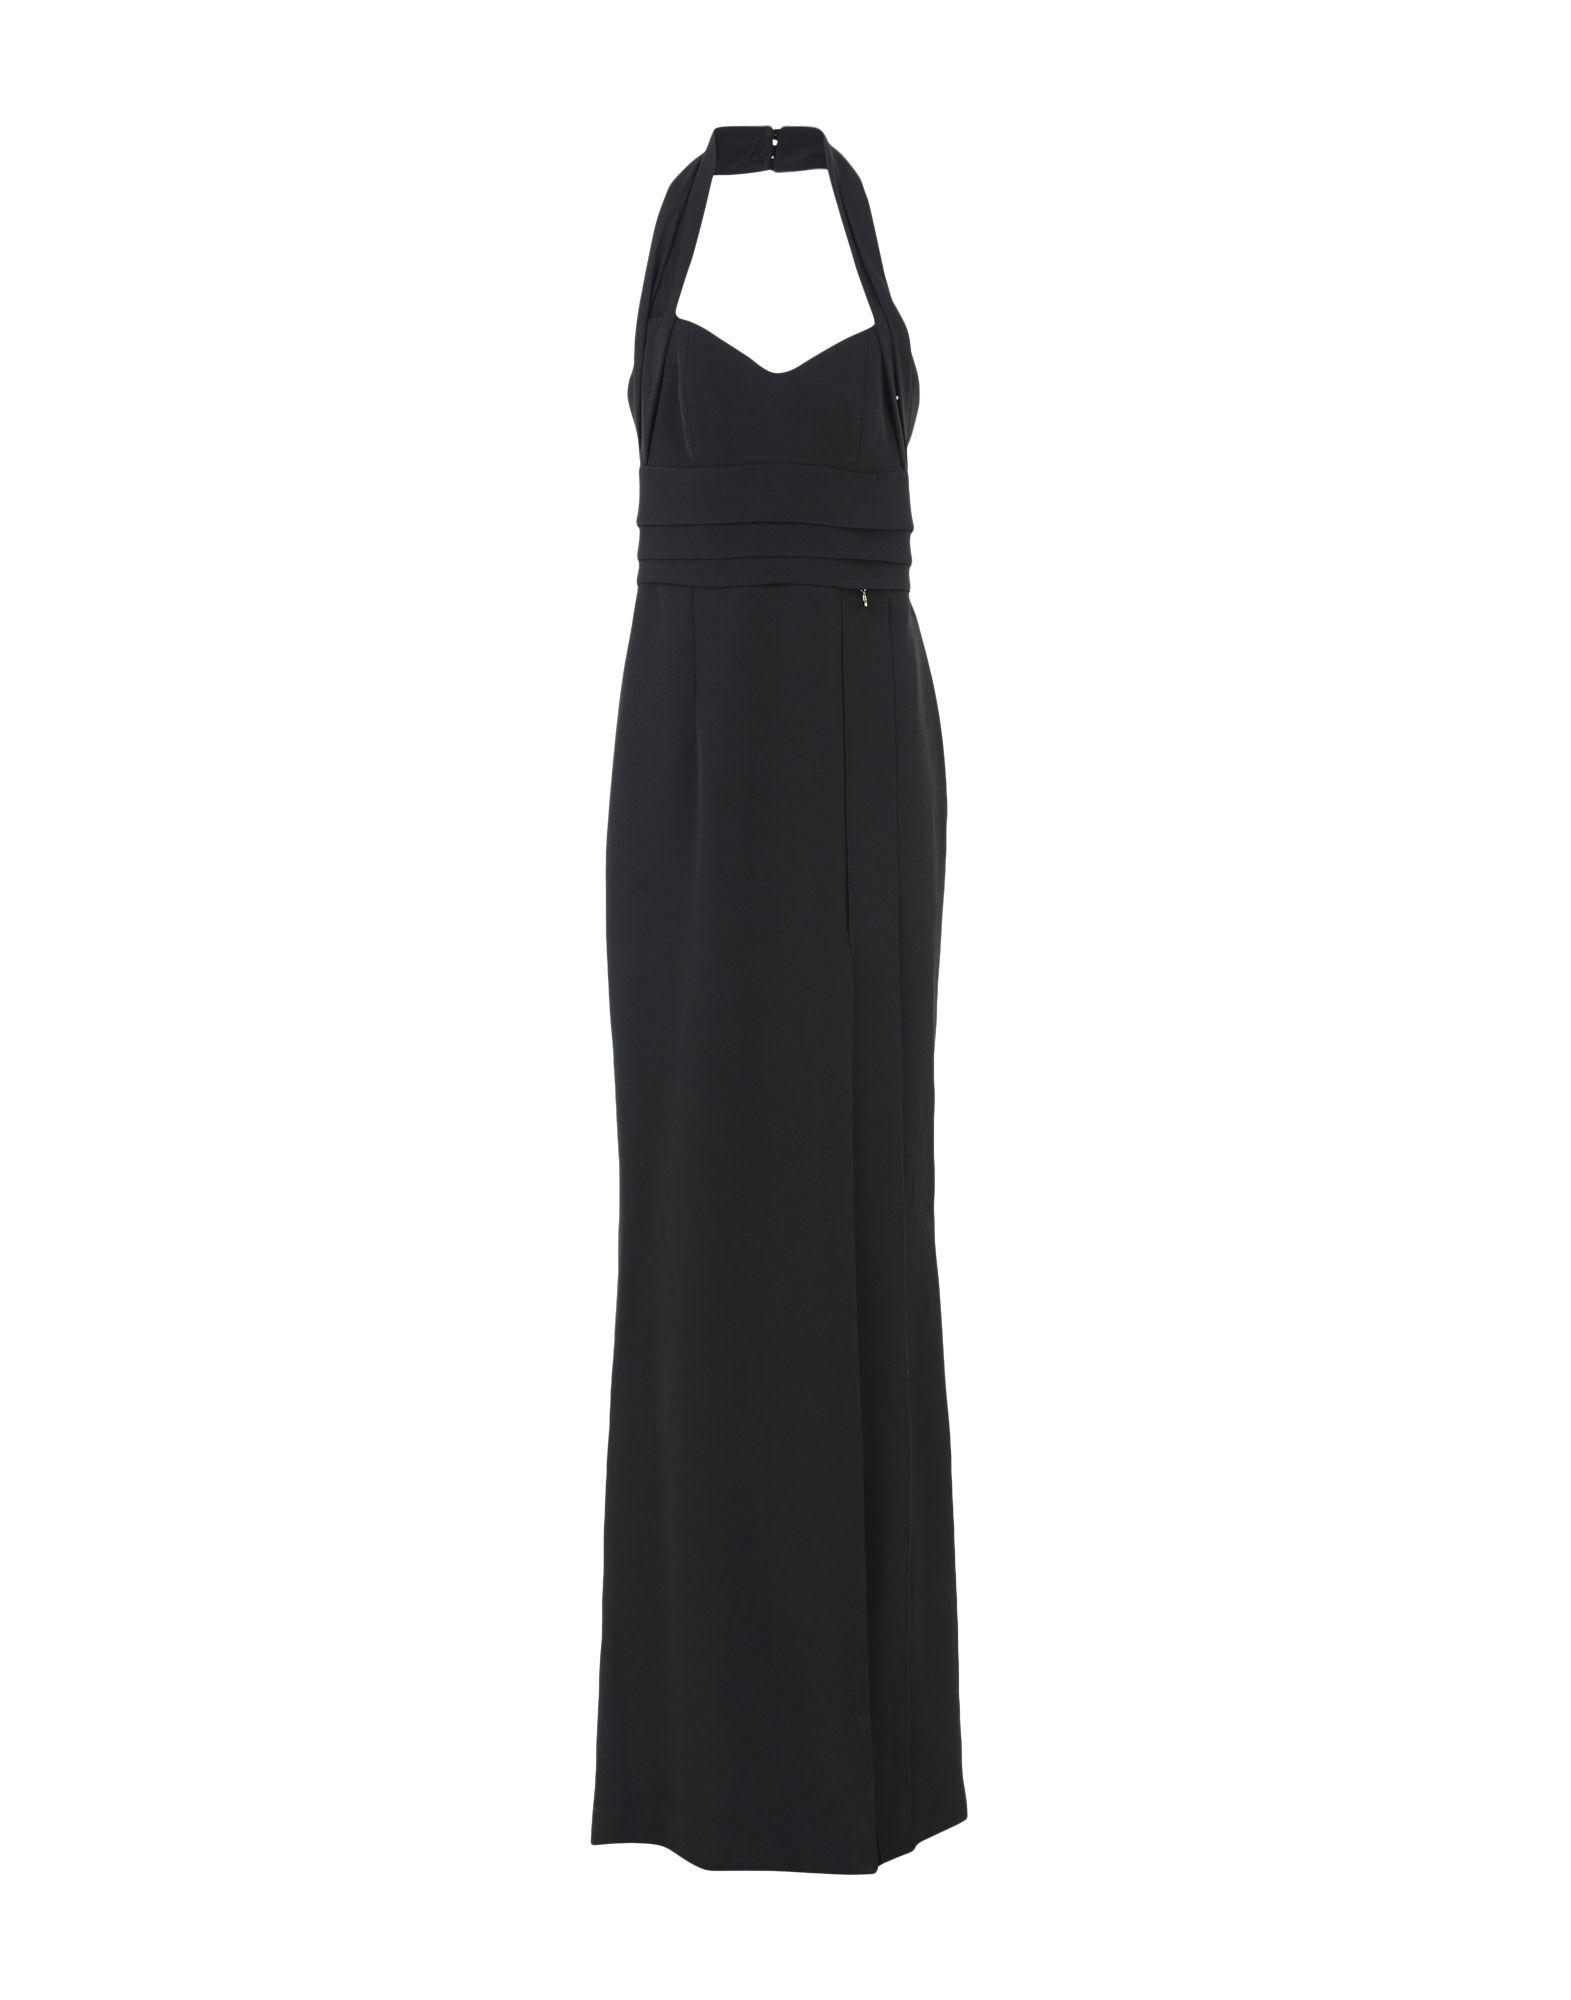 MANGANO Длинное платье платье короткое спереди длинное сзади летнее